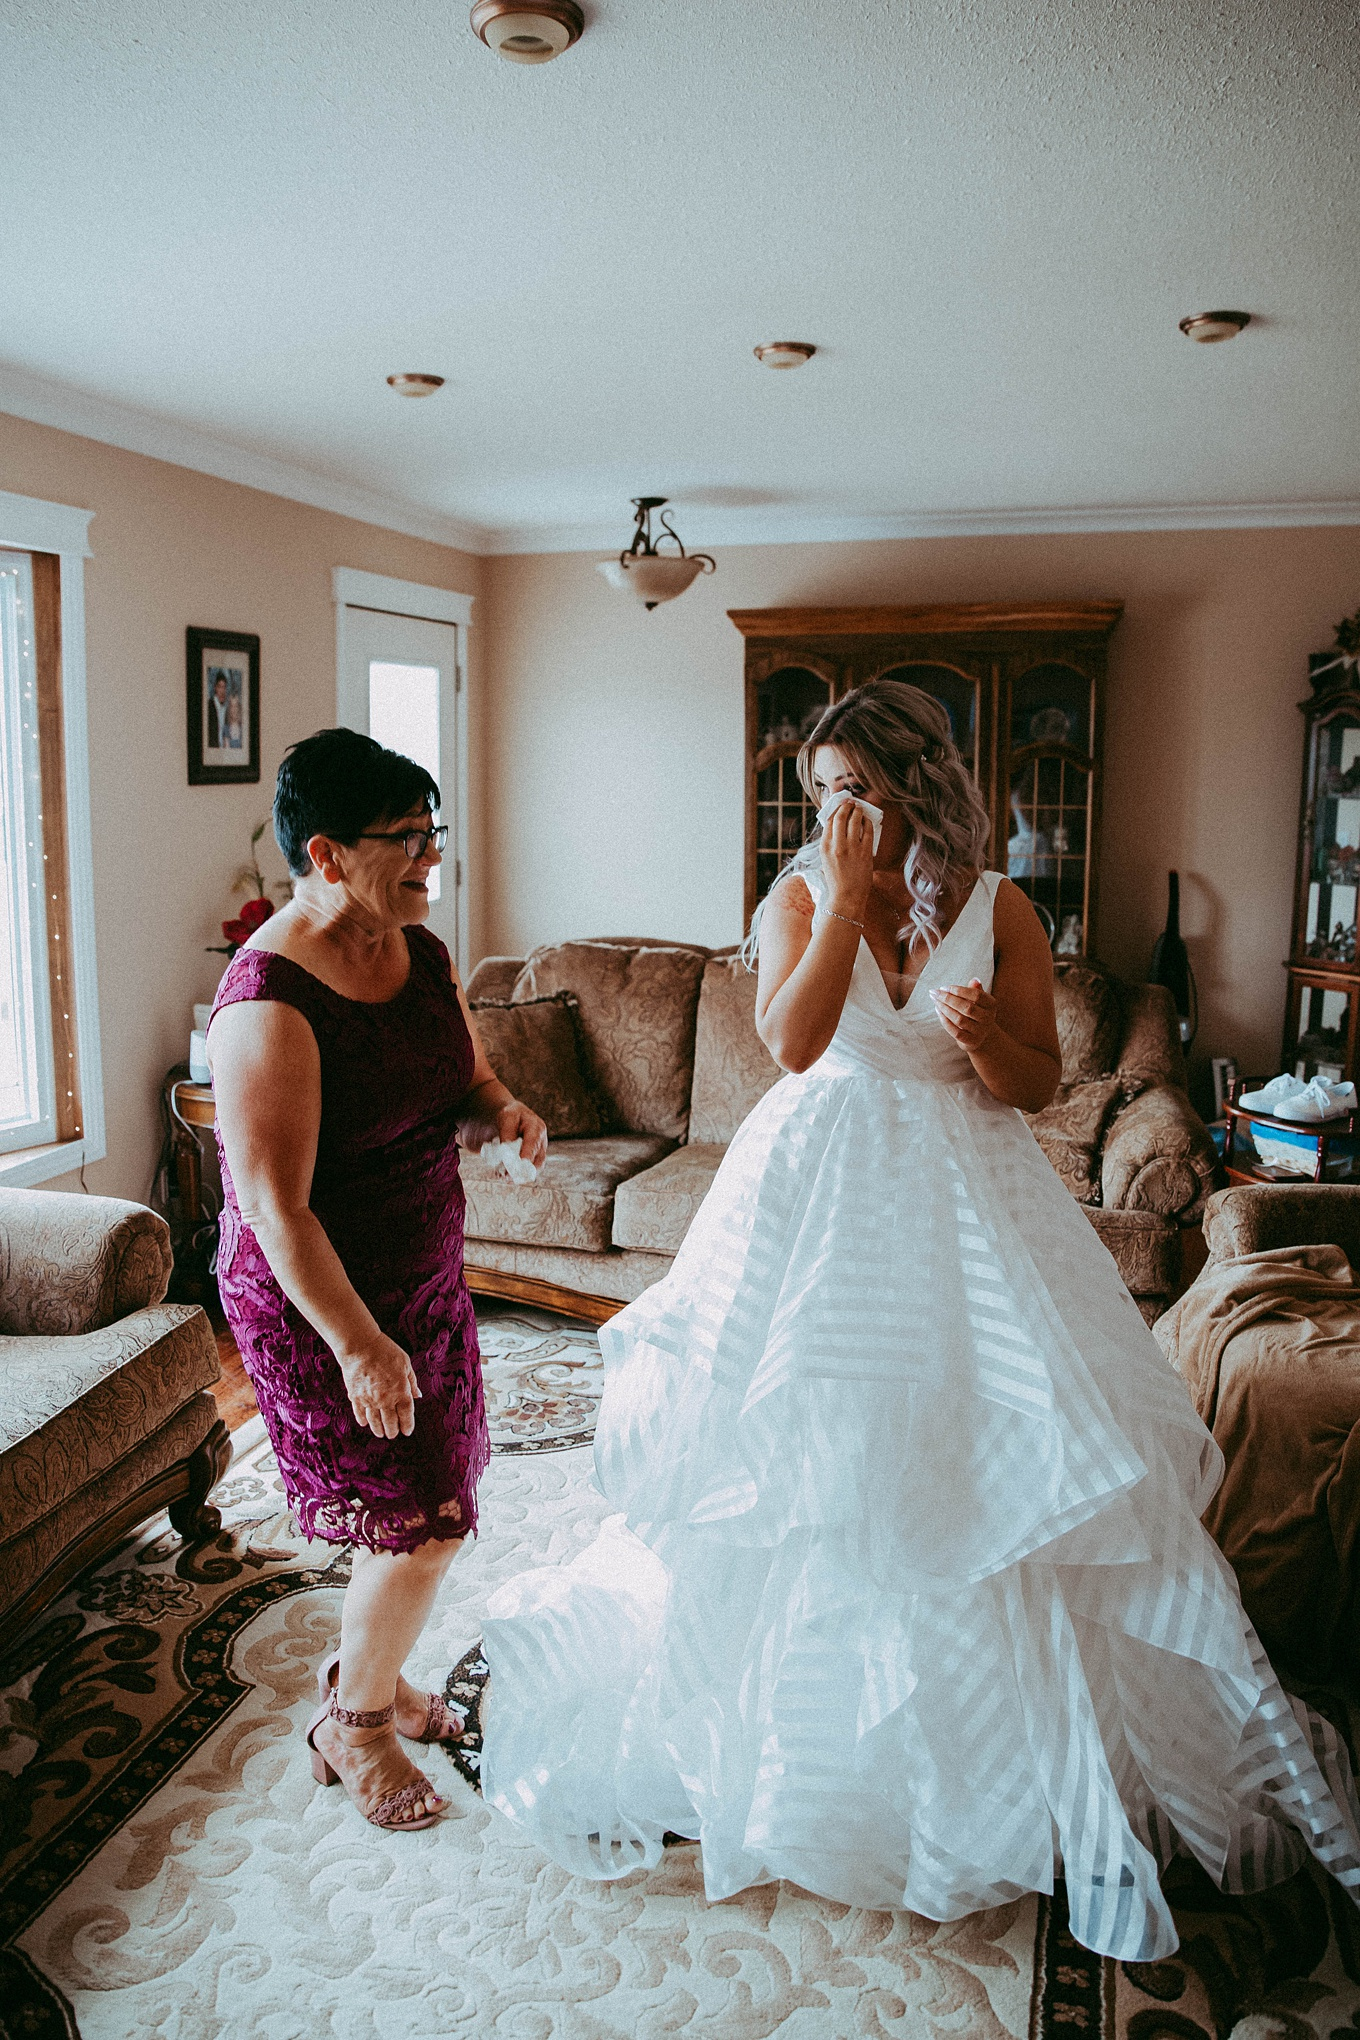 alice in wonderland wedding, alice in wonderland wedding inspiration, calgary wedding, calgary wedding photographer, calgary wedding photographers